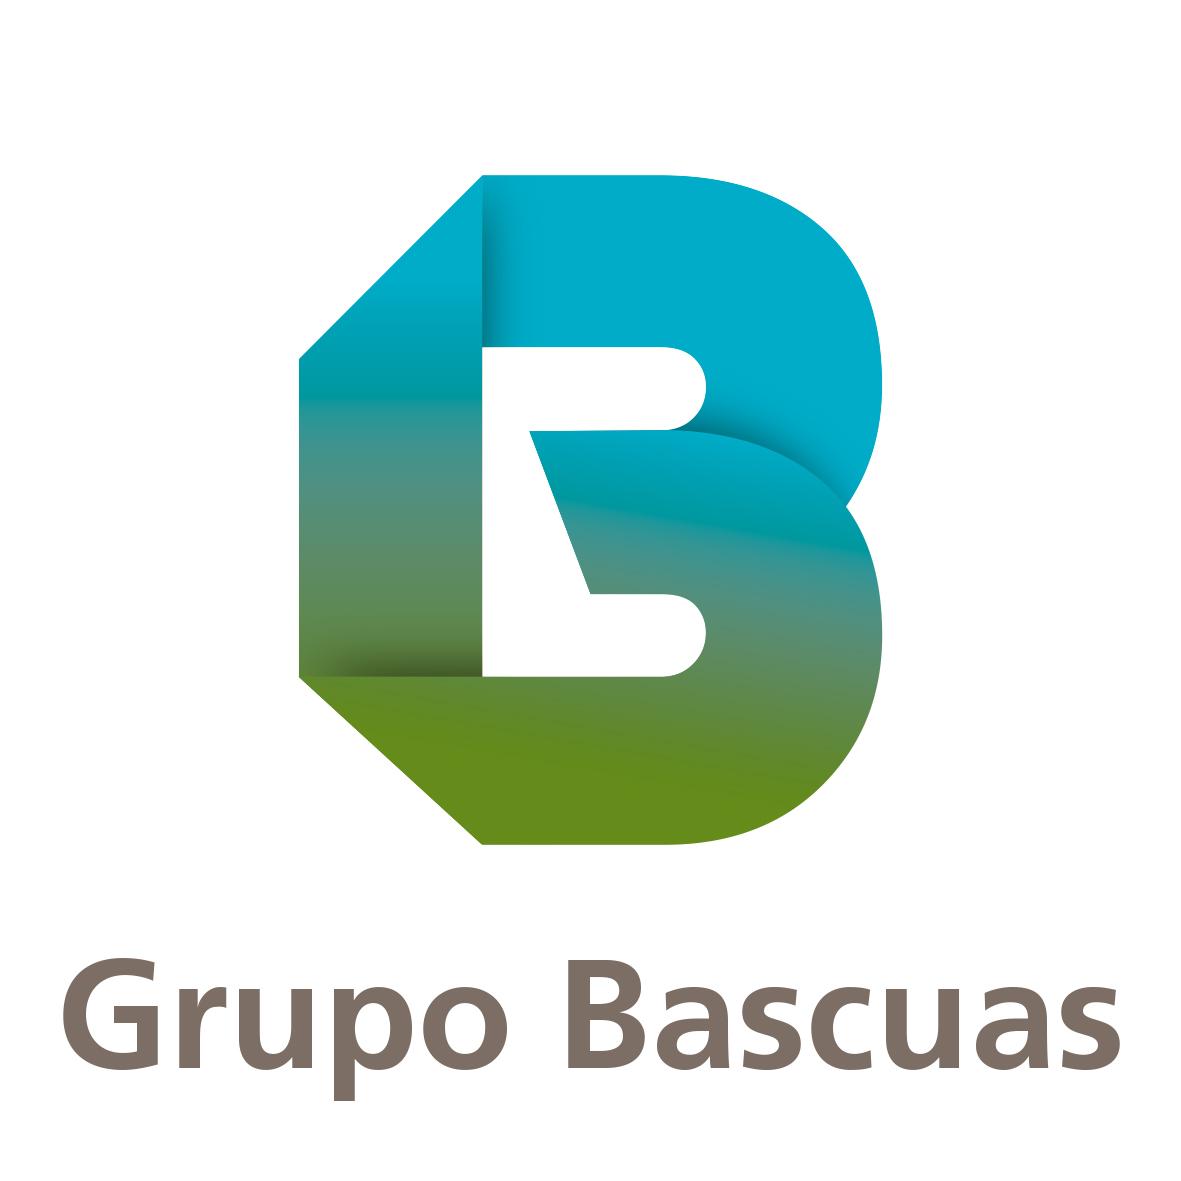 Grupo Bascuas